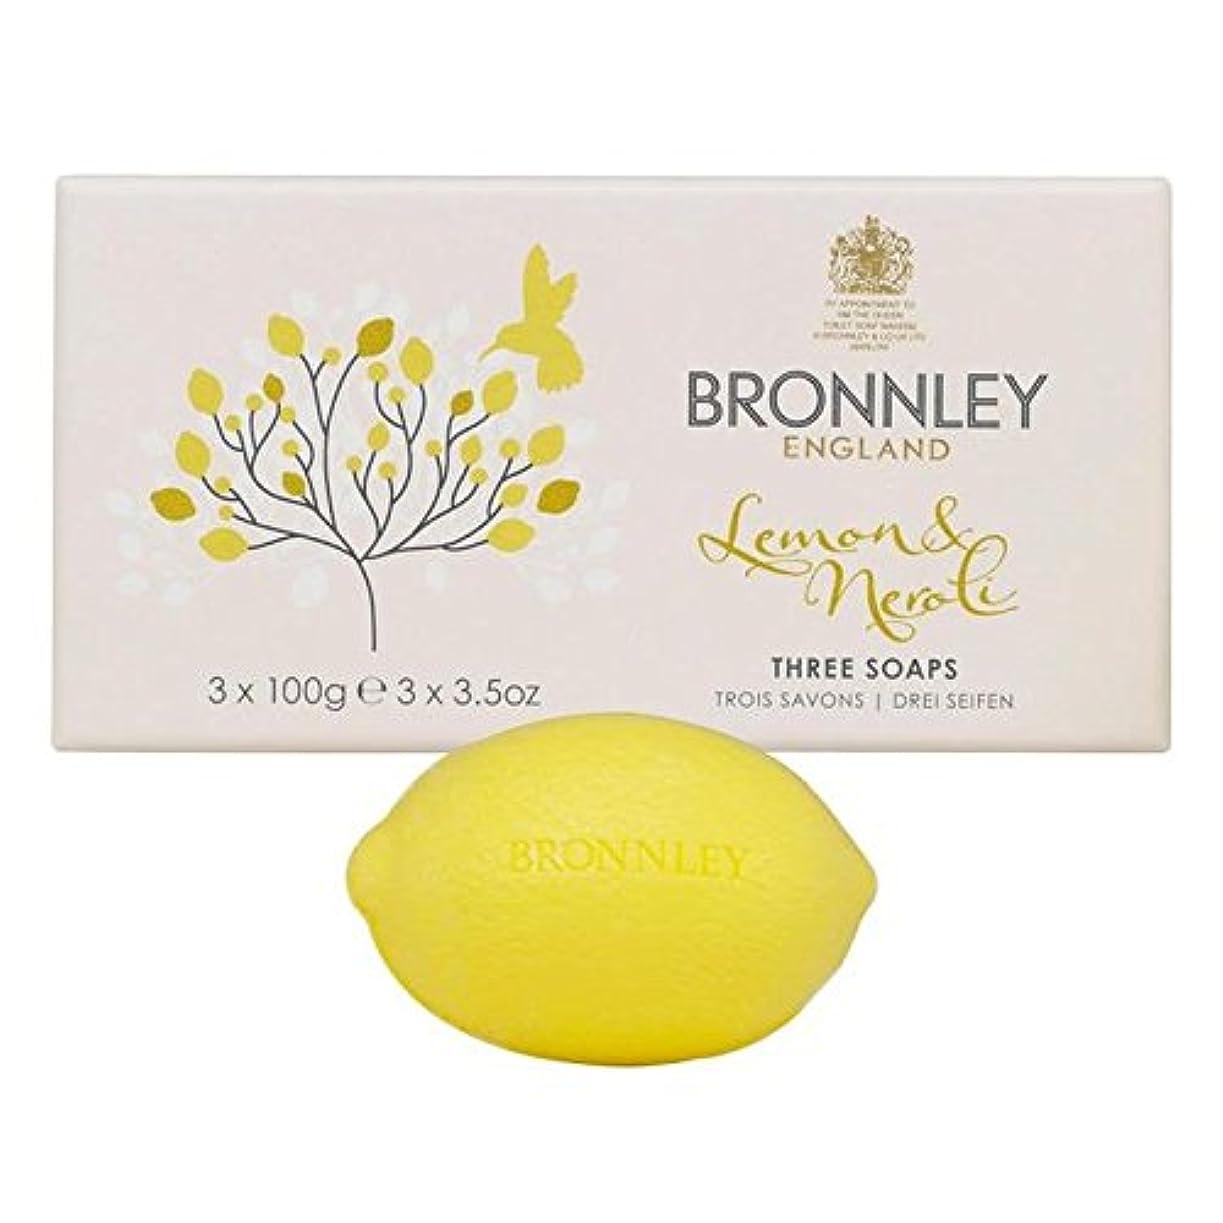 回る汚れる協会Bronnley Lemon & Neroli Soaps 3 x 100g - レモン&ネロリ石鹸3×100グラム [並行輸入品]